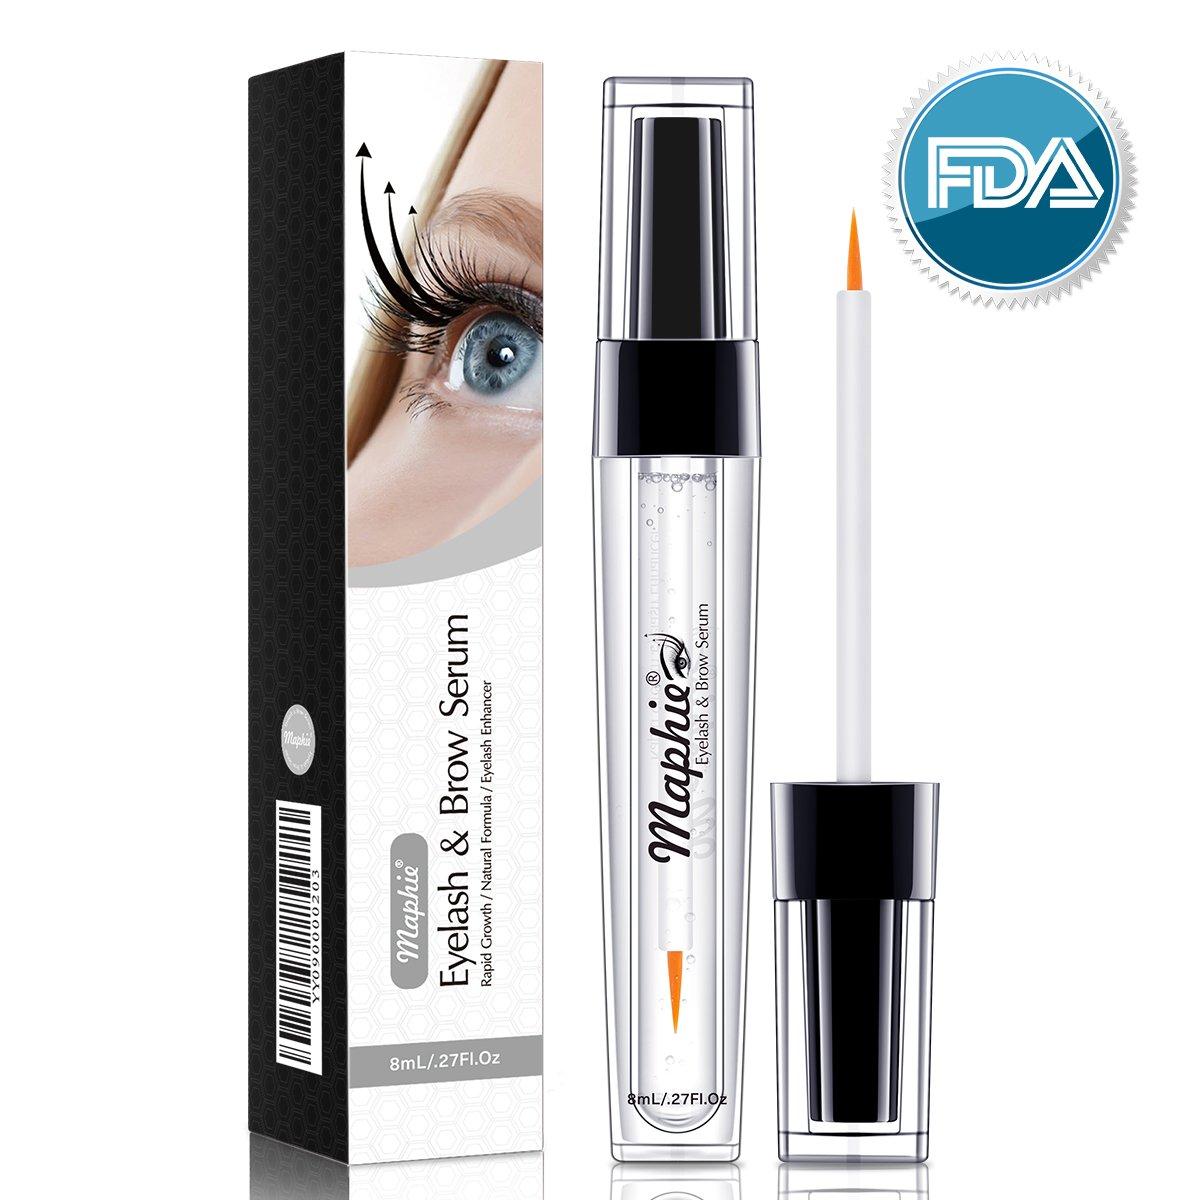 253653b113a Amazon.com: Natural Eyelash & Brow Growth Serum(8ml)- Enhancing Lash Boost  Serum to Grow Thicker Longer Lashes - Nourished Lush Eyelash ...